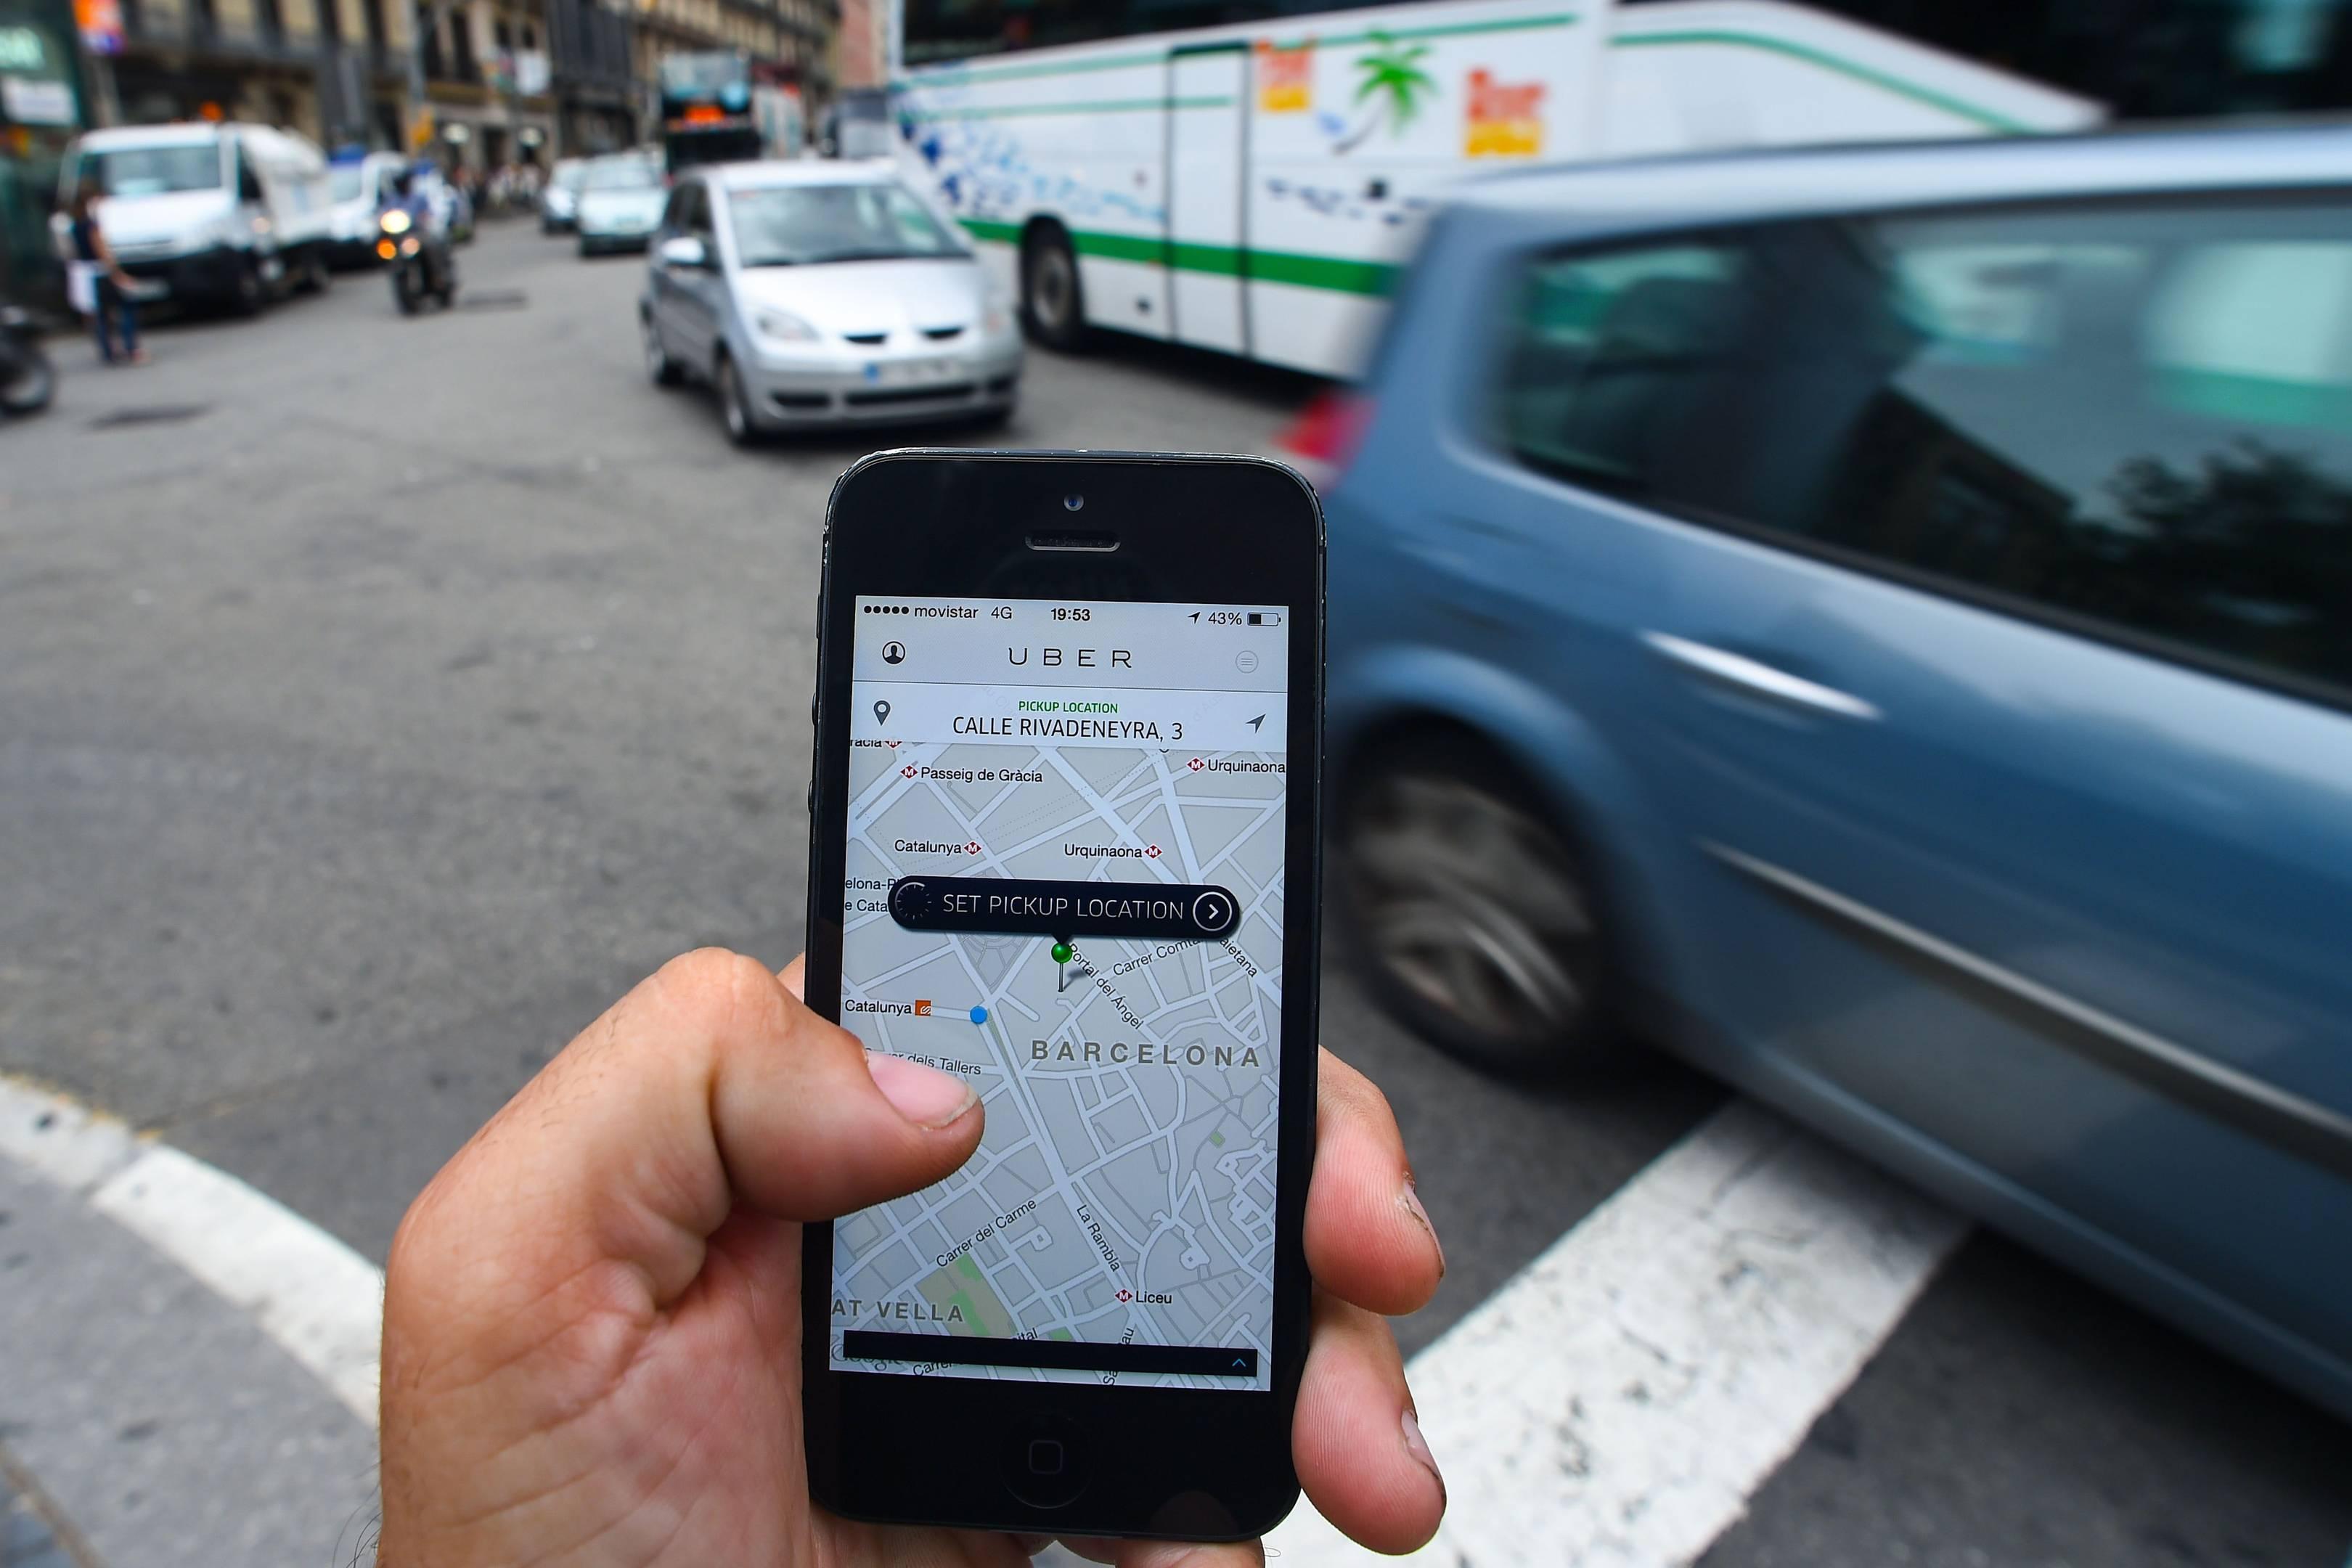 Uberमध्ये ड्राईव्हरच्या सुरक्षेसाठी एक इमरजन्सी बटन दिलं आहे. या बटनाला प्रेस करून ड्राईव्हरला इमरजन्सी मदत मागता येणार आहे. प्रवाशांसाठी ही सेवा आधीपासून उपलब्ध असून Uber अॅप्लिकेशनमध्ये स्पीड लिमिट फिचर दिलं आहे. ज्यामुळे ड्राईव्हरने स्पीड वाढवल्यास त्याला स्पीडबाबत अलर्ट केलं जाईल.